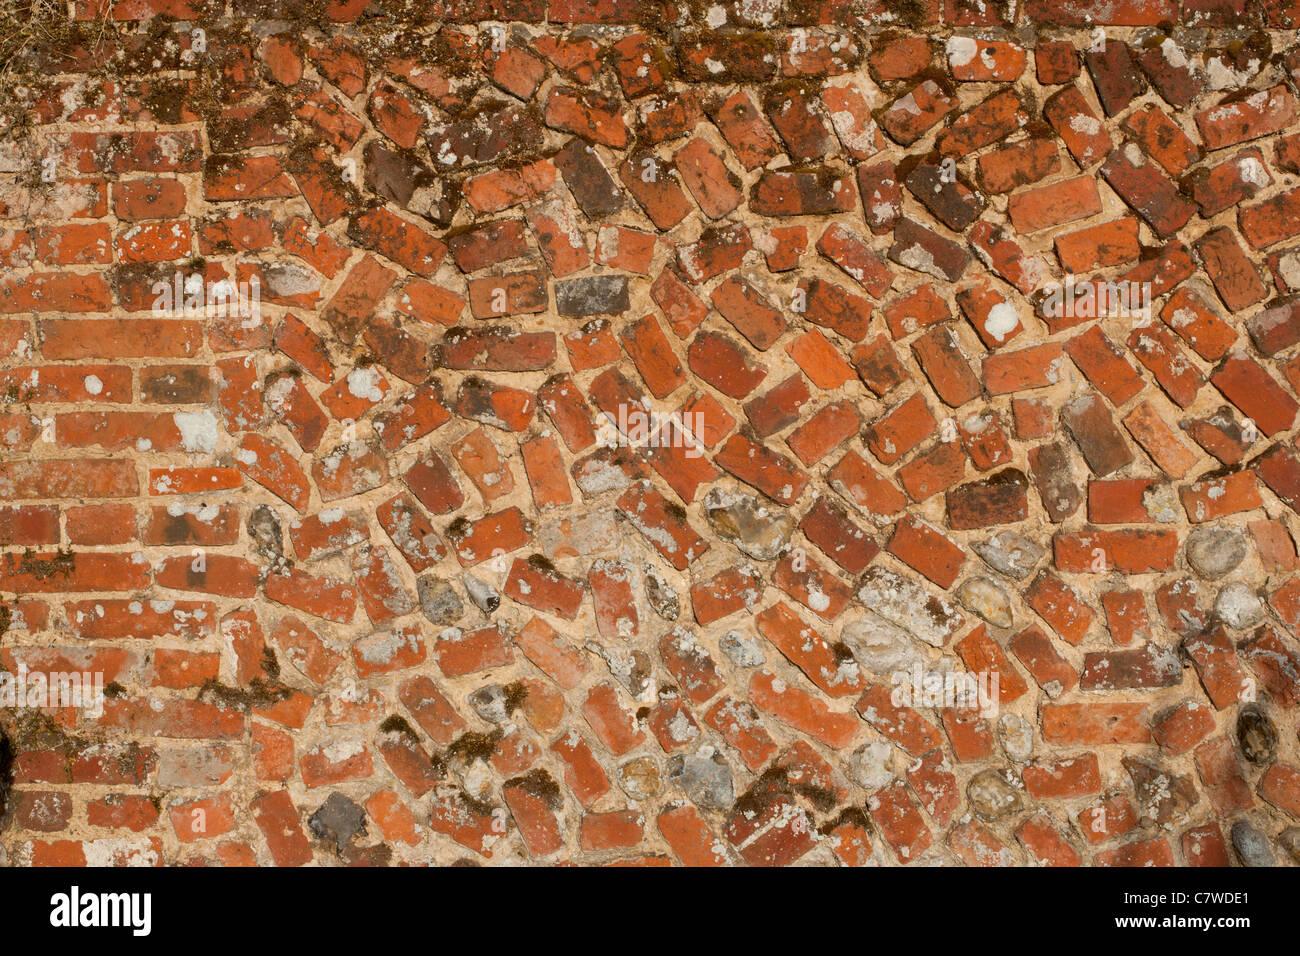 Red brick wall with bricks at odd angles - Stock Image